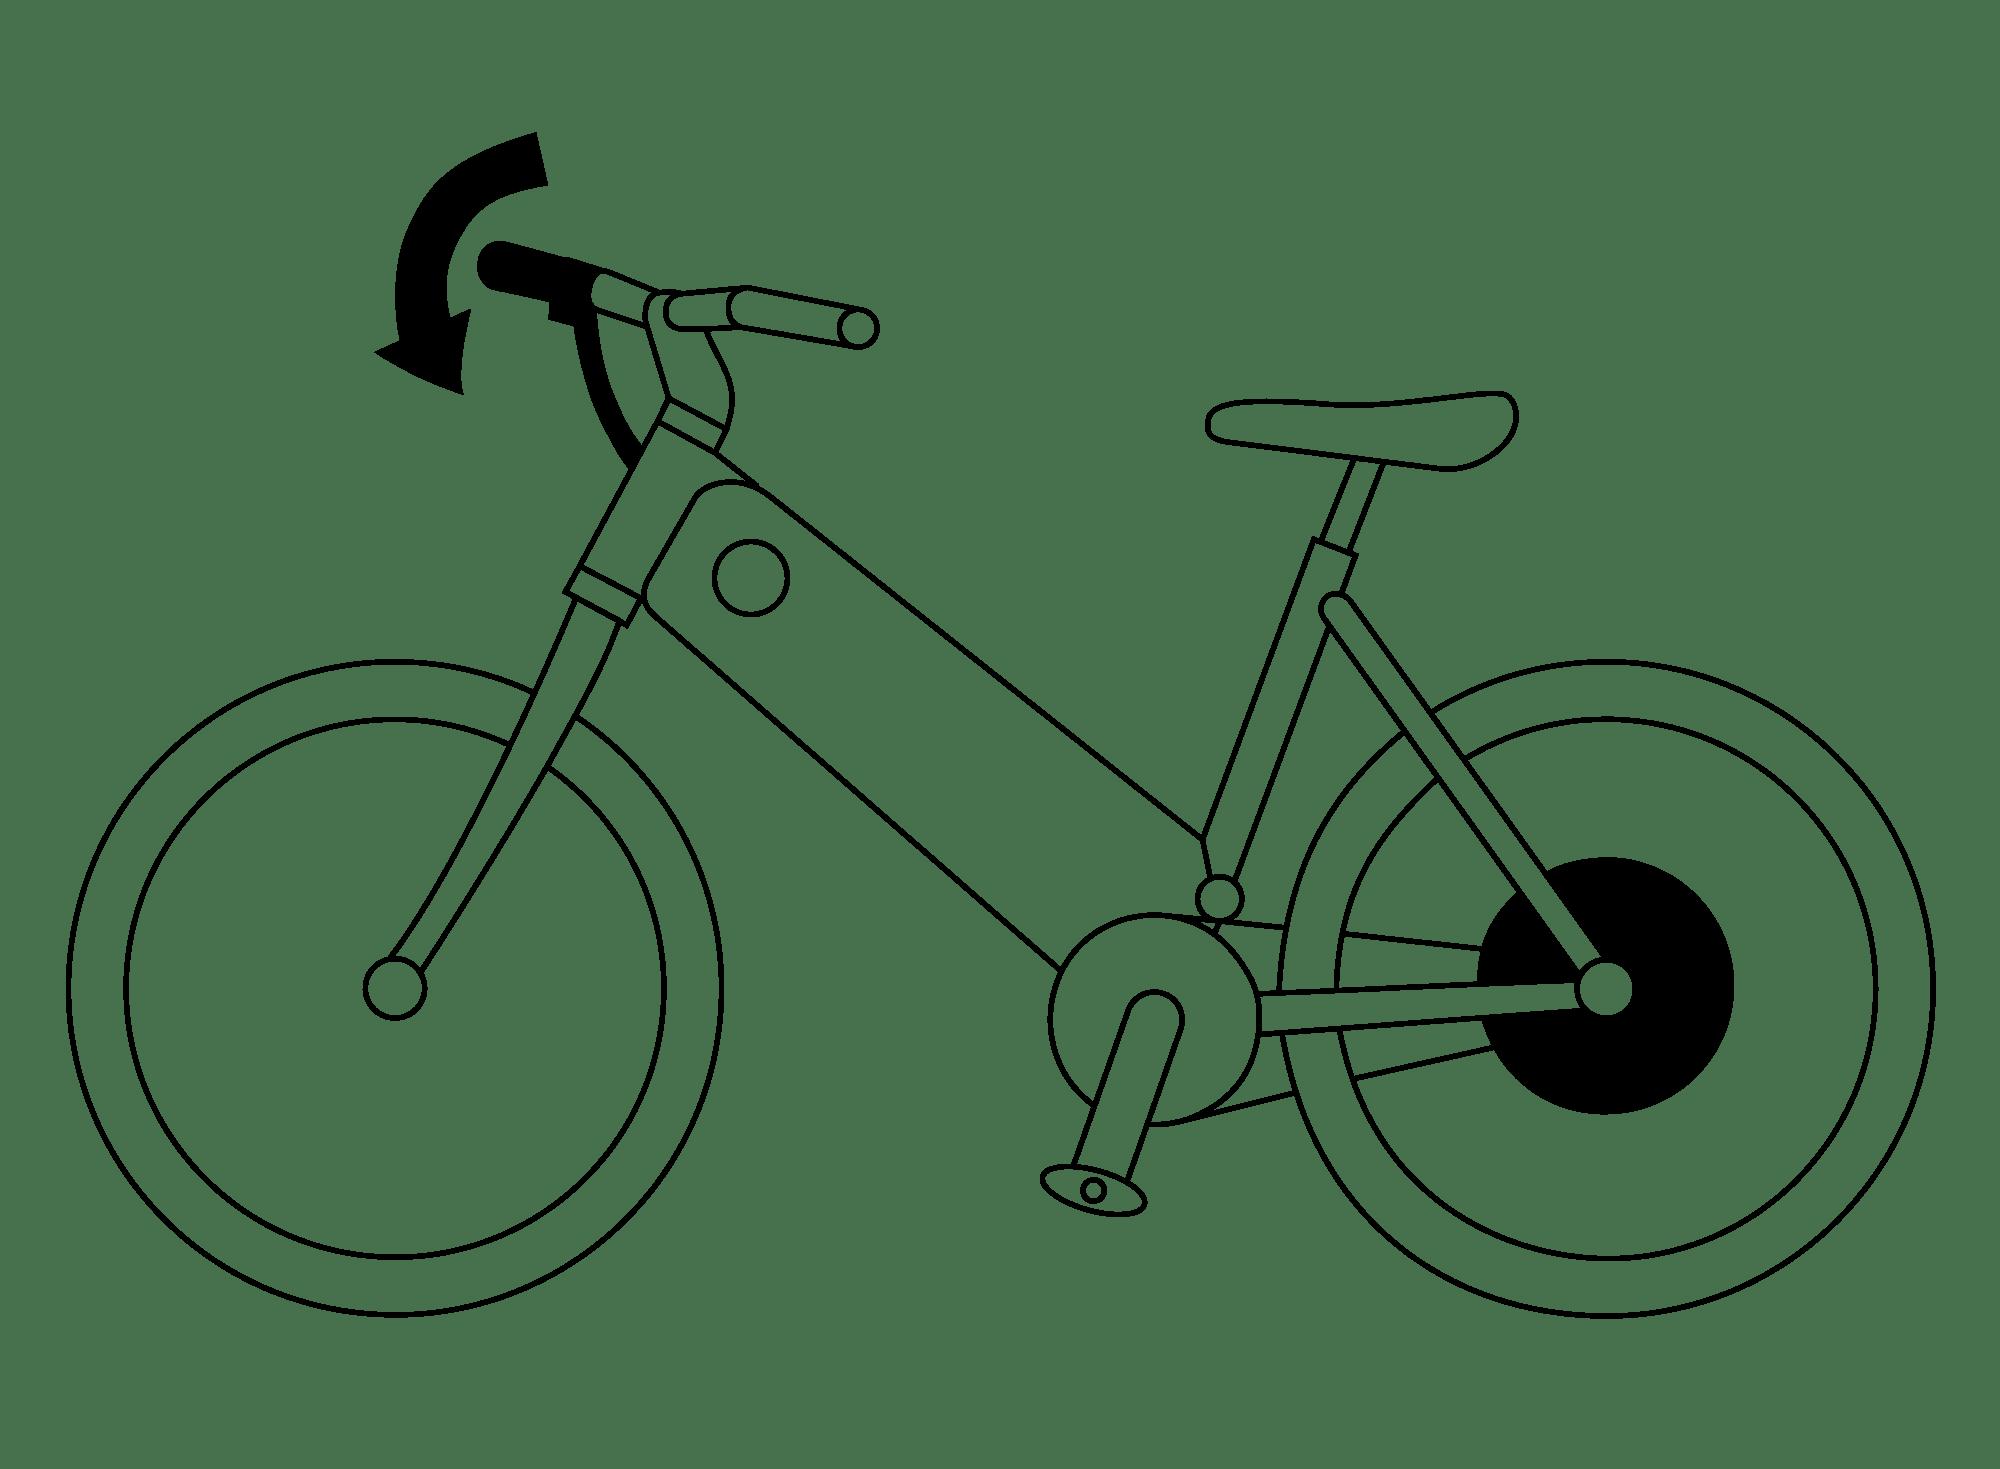 Simple Bicycle Drawing At Getdrawings